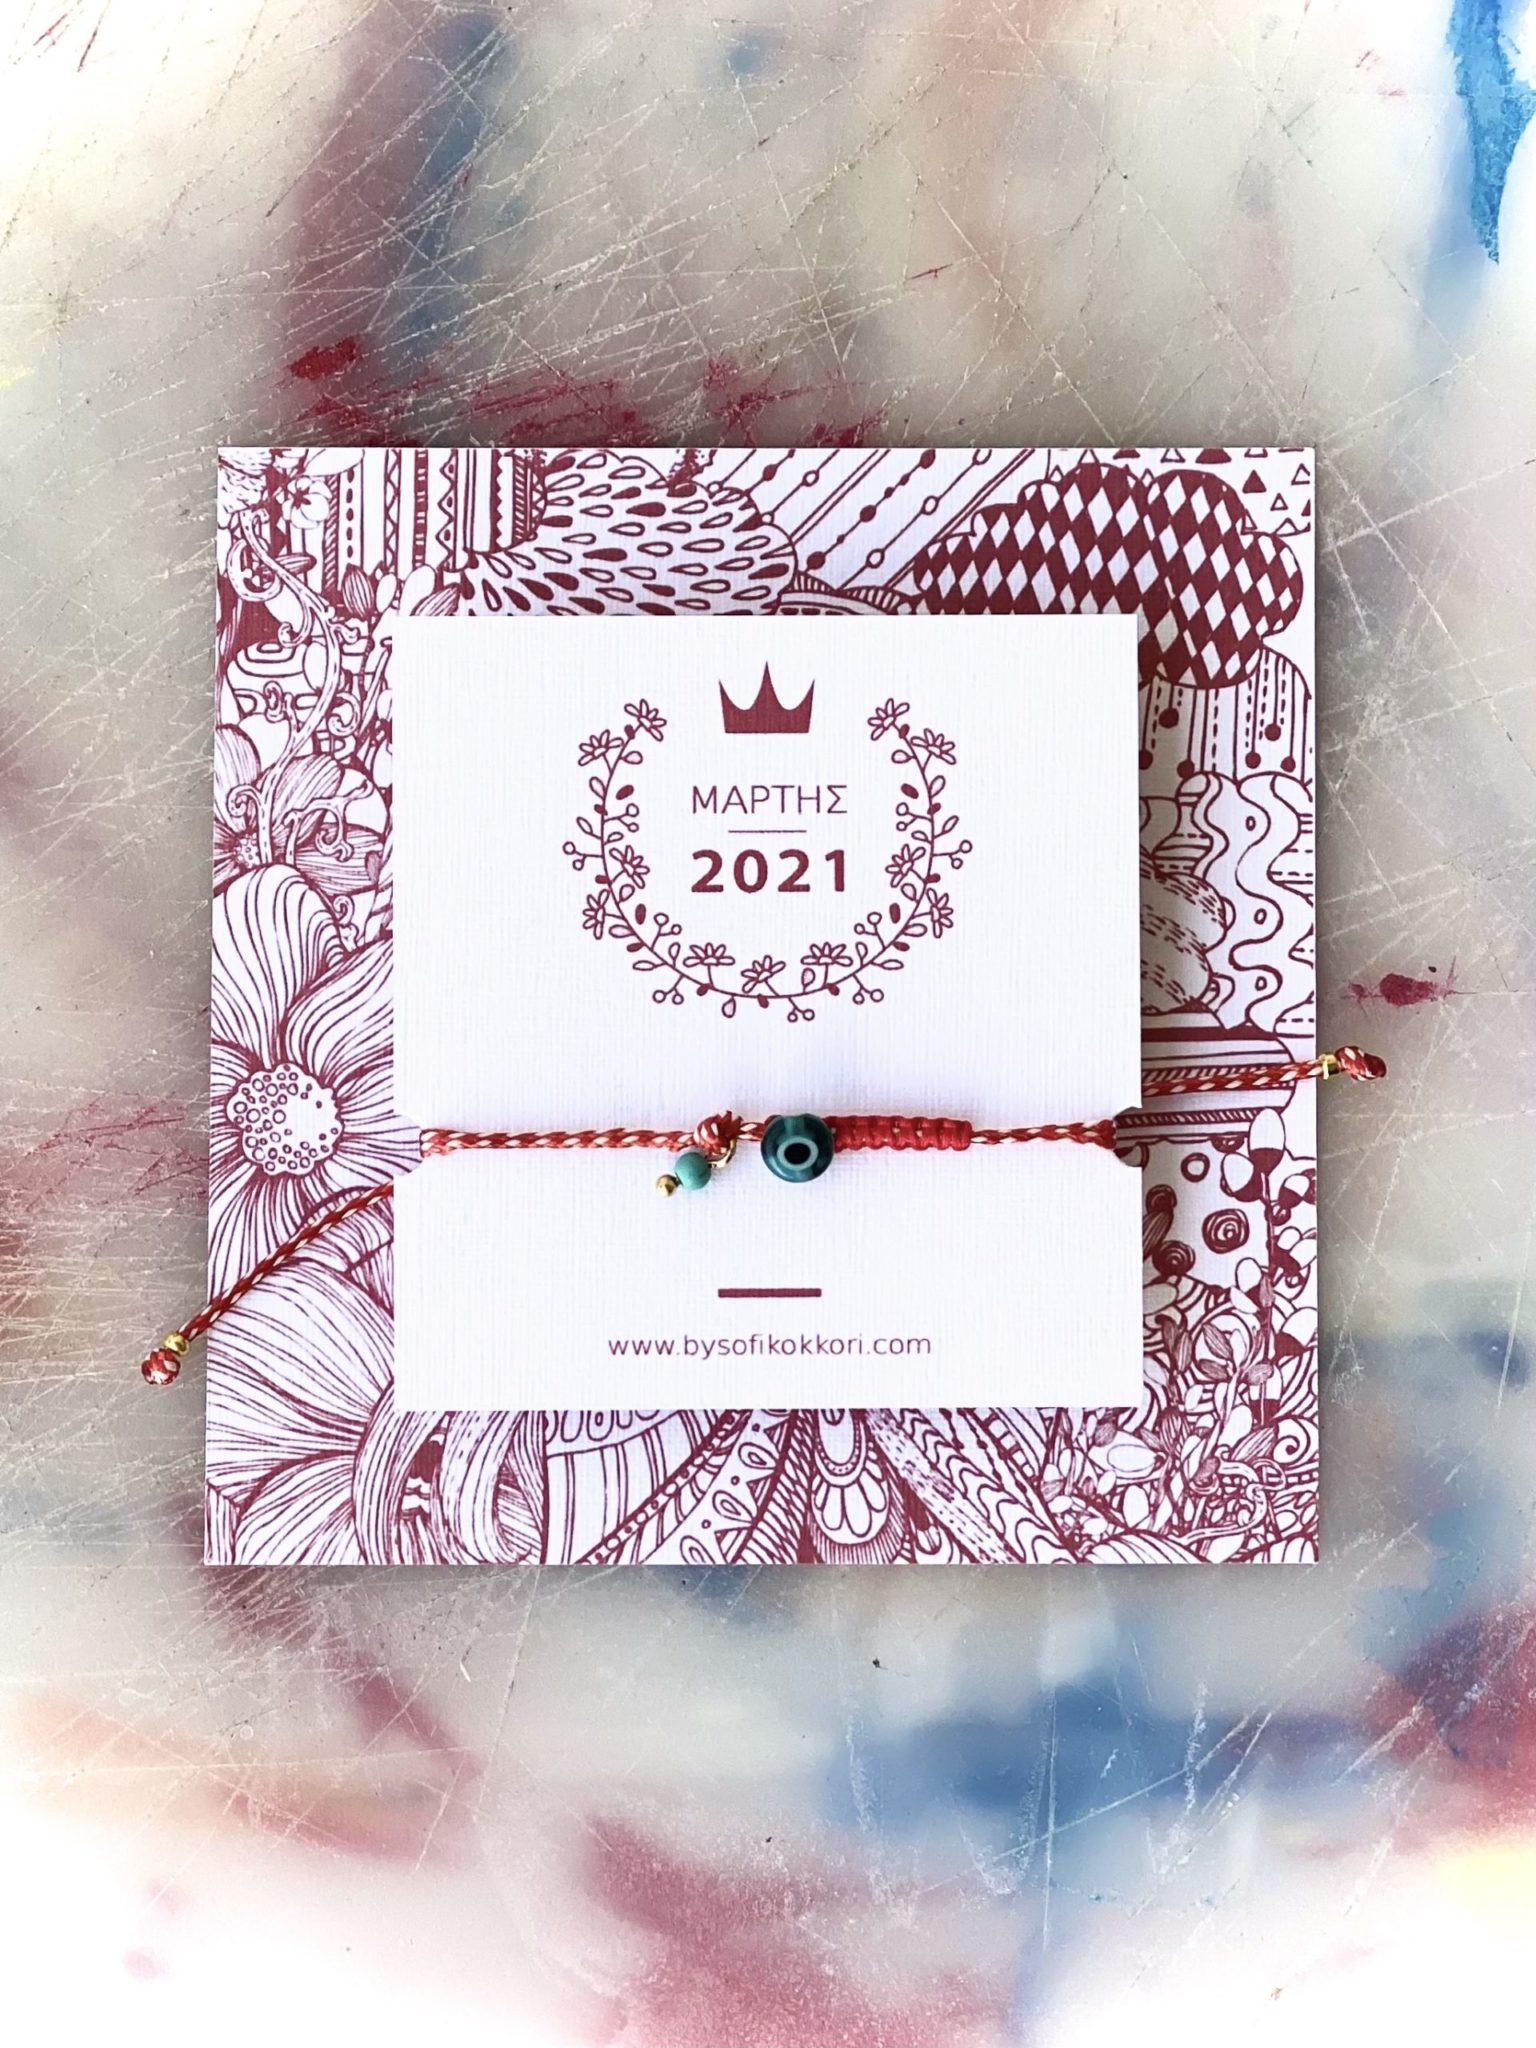 Martis-2021-evil-eye-bracelet-macrame